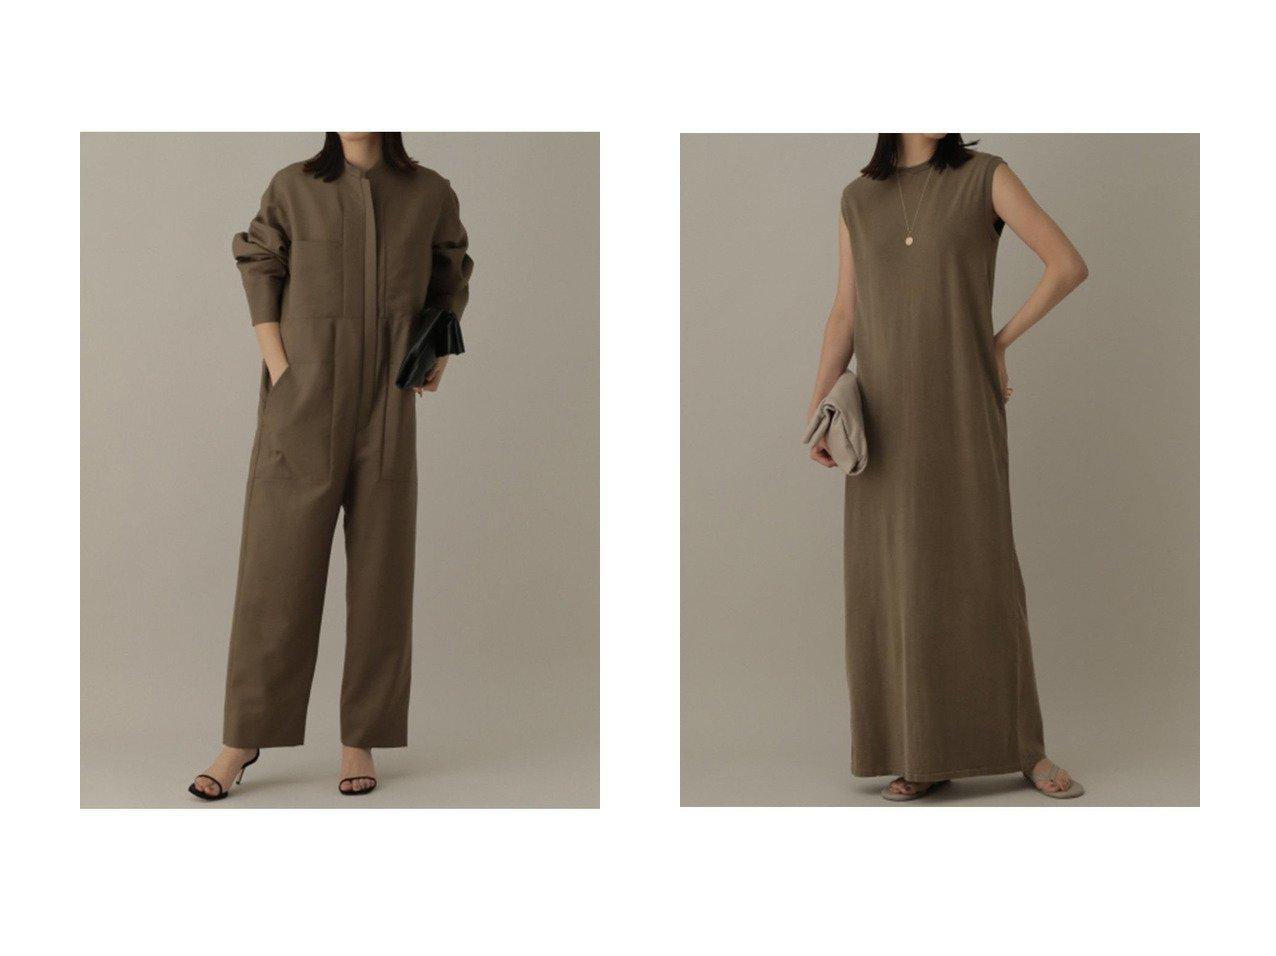 【Chaos/カオス】のロザリージャンプスーツ&【REMI RELIEF】別注カットマキシワンピース 【ワンピース・ドレス】おすすめ!人気、トレンド・レディースファッションの通販 おすすめで人気の流行・トレンド、ファッションの通販商品 インテリア・家具・メンズファッション・キッズファッション・レディースファッション・服の通販 founy(ファニー) https://founy.com/ ファッション Fashion レディースファッション WOMEN ワンピース Dress マキシワンピース Maxi Dress 2021年 2021 2021-2022秋冬・A/W AW・Autumn/Winter・FW・Fall-Winter・2021-2022 A/W・秋冬 AW・Autumn/Winter・FW・Fall-Winter スーツ モヘア カットソー シンプル スリット マキシ ヴィンテージ 別注 夏 Summer |ID:crp329100000054080